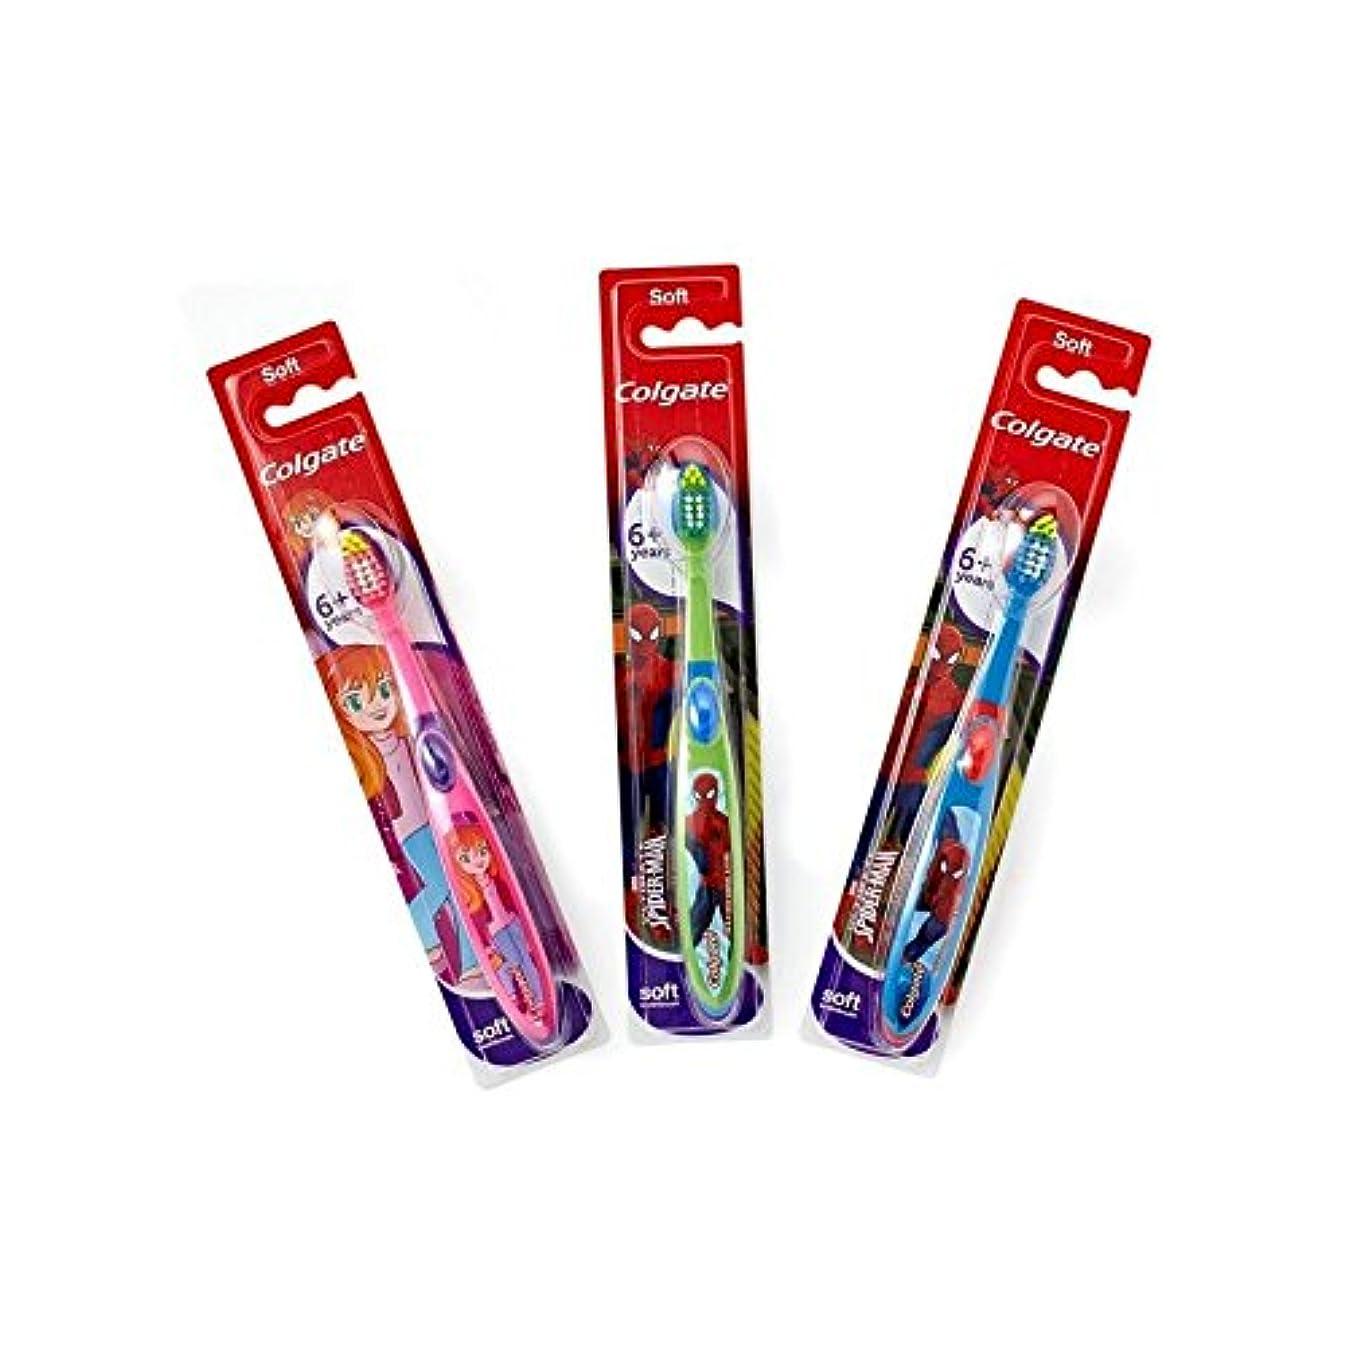 ぼかし視力ビーム6+年の歯ブラシを笑顔 (Colgate) (x 6) - Colgate Smiles 6+ Years Toothbrush (Pack of 6) [並行輸入品]